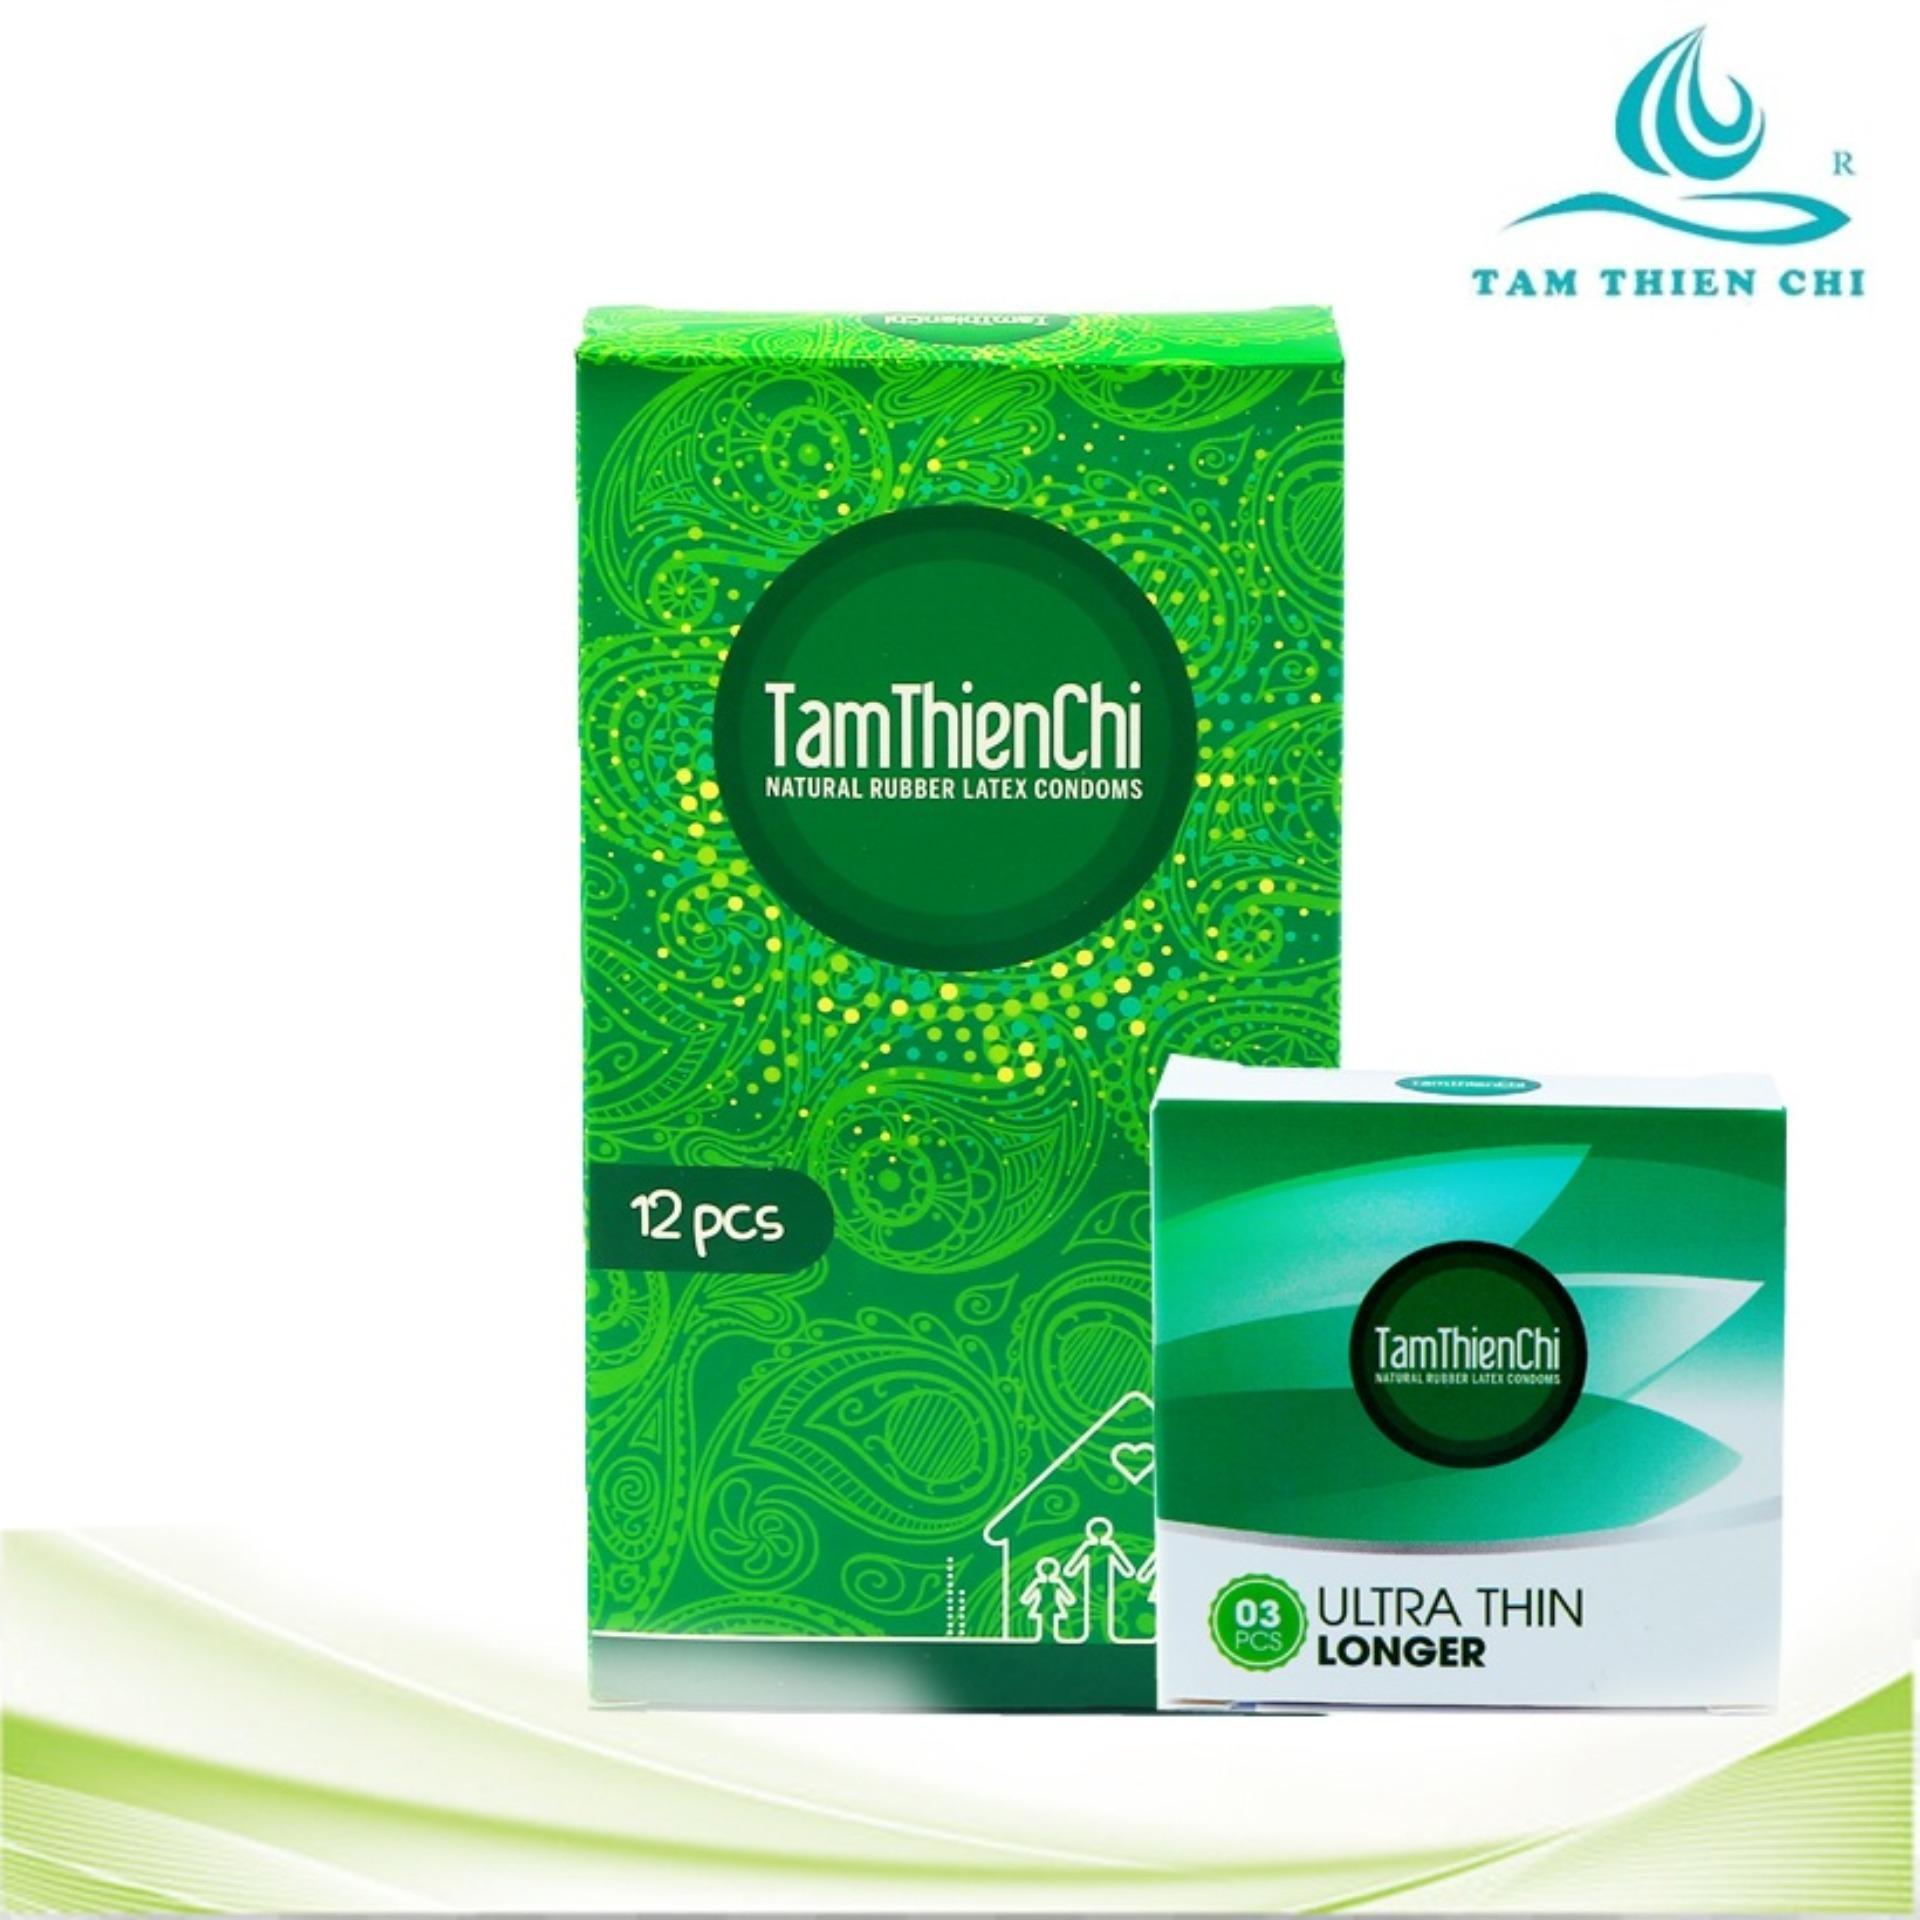 Bao cao su mỏng truyền nhiệt Tâm Thiện Chí Family hộp 12 cái và 1 hộp bao cao su siêu mỏng kéo dài TTC Ultrathin Longer hộp 3 cái nhập khẩu